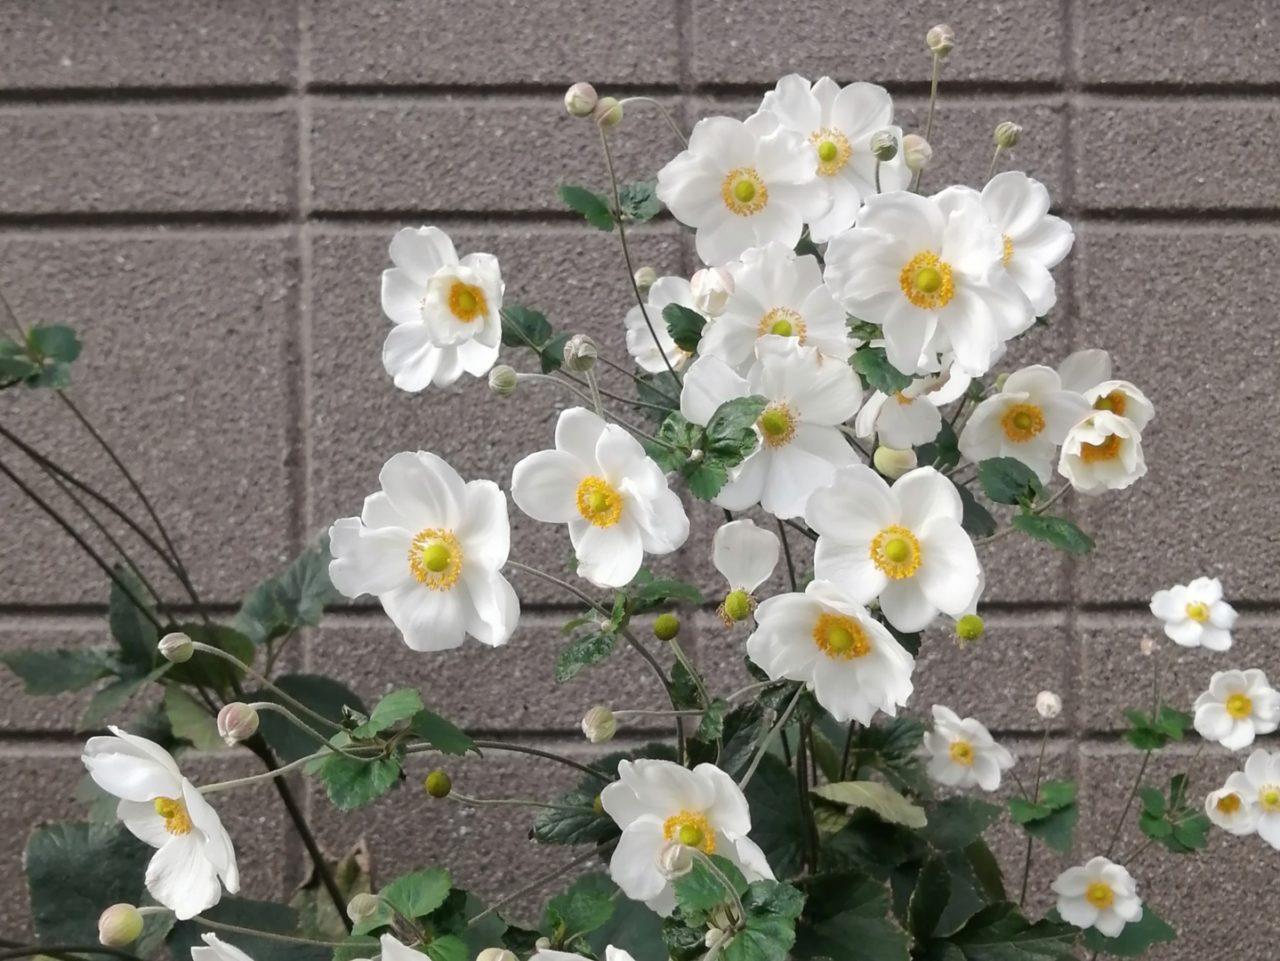 散歩で見つけた白い花